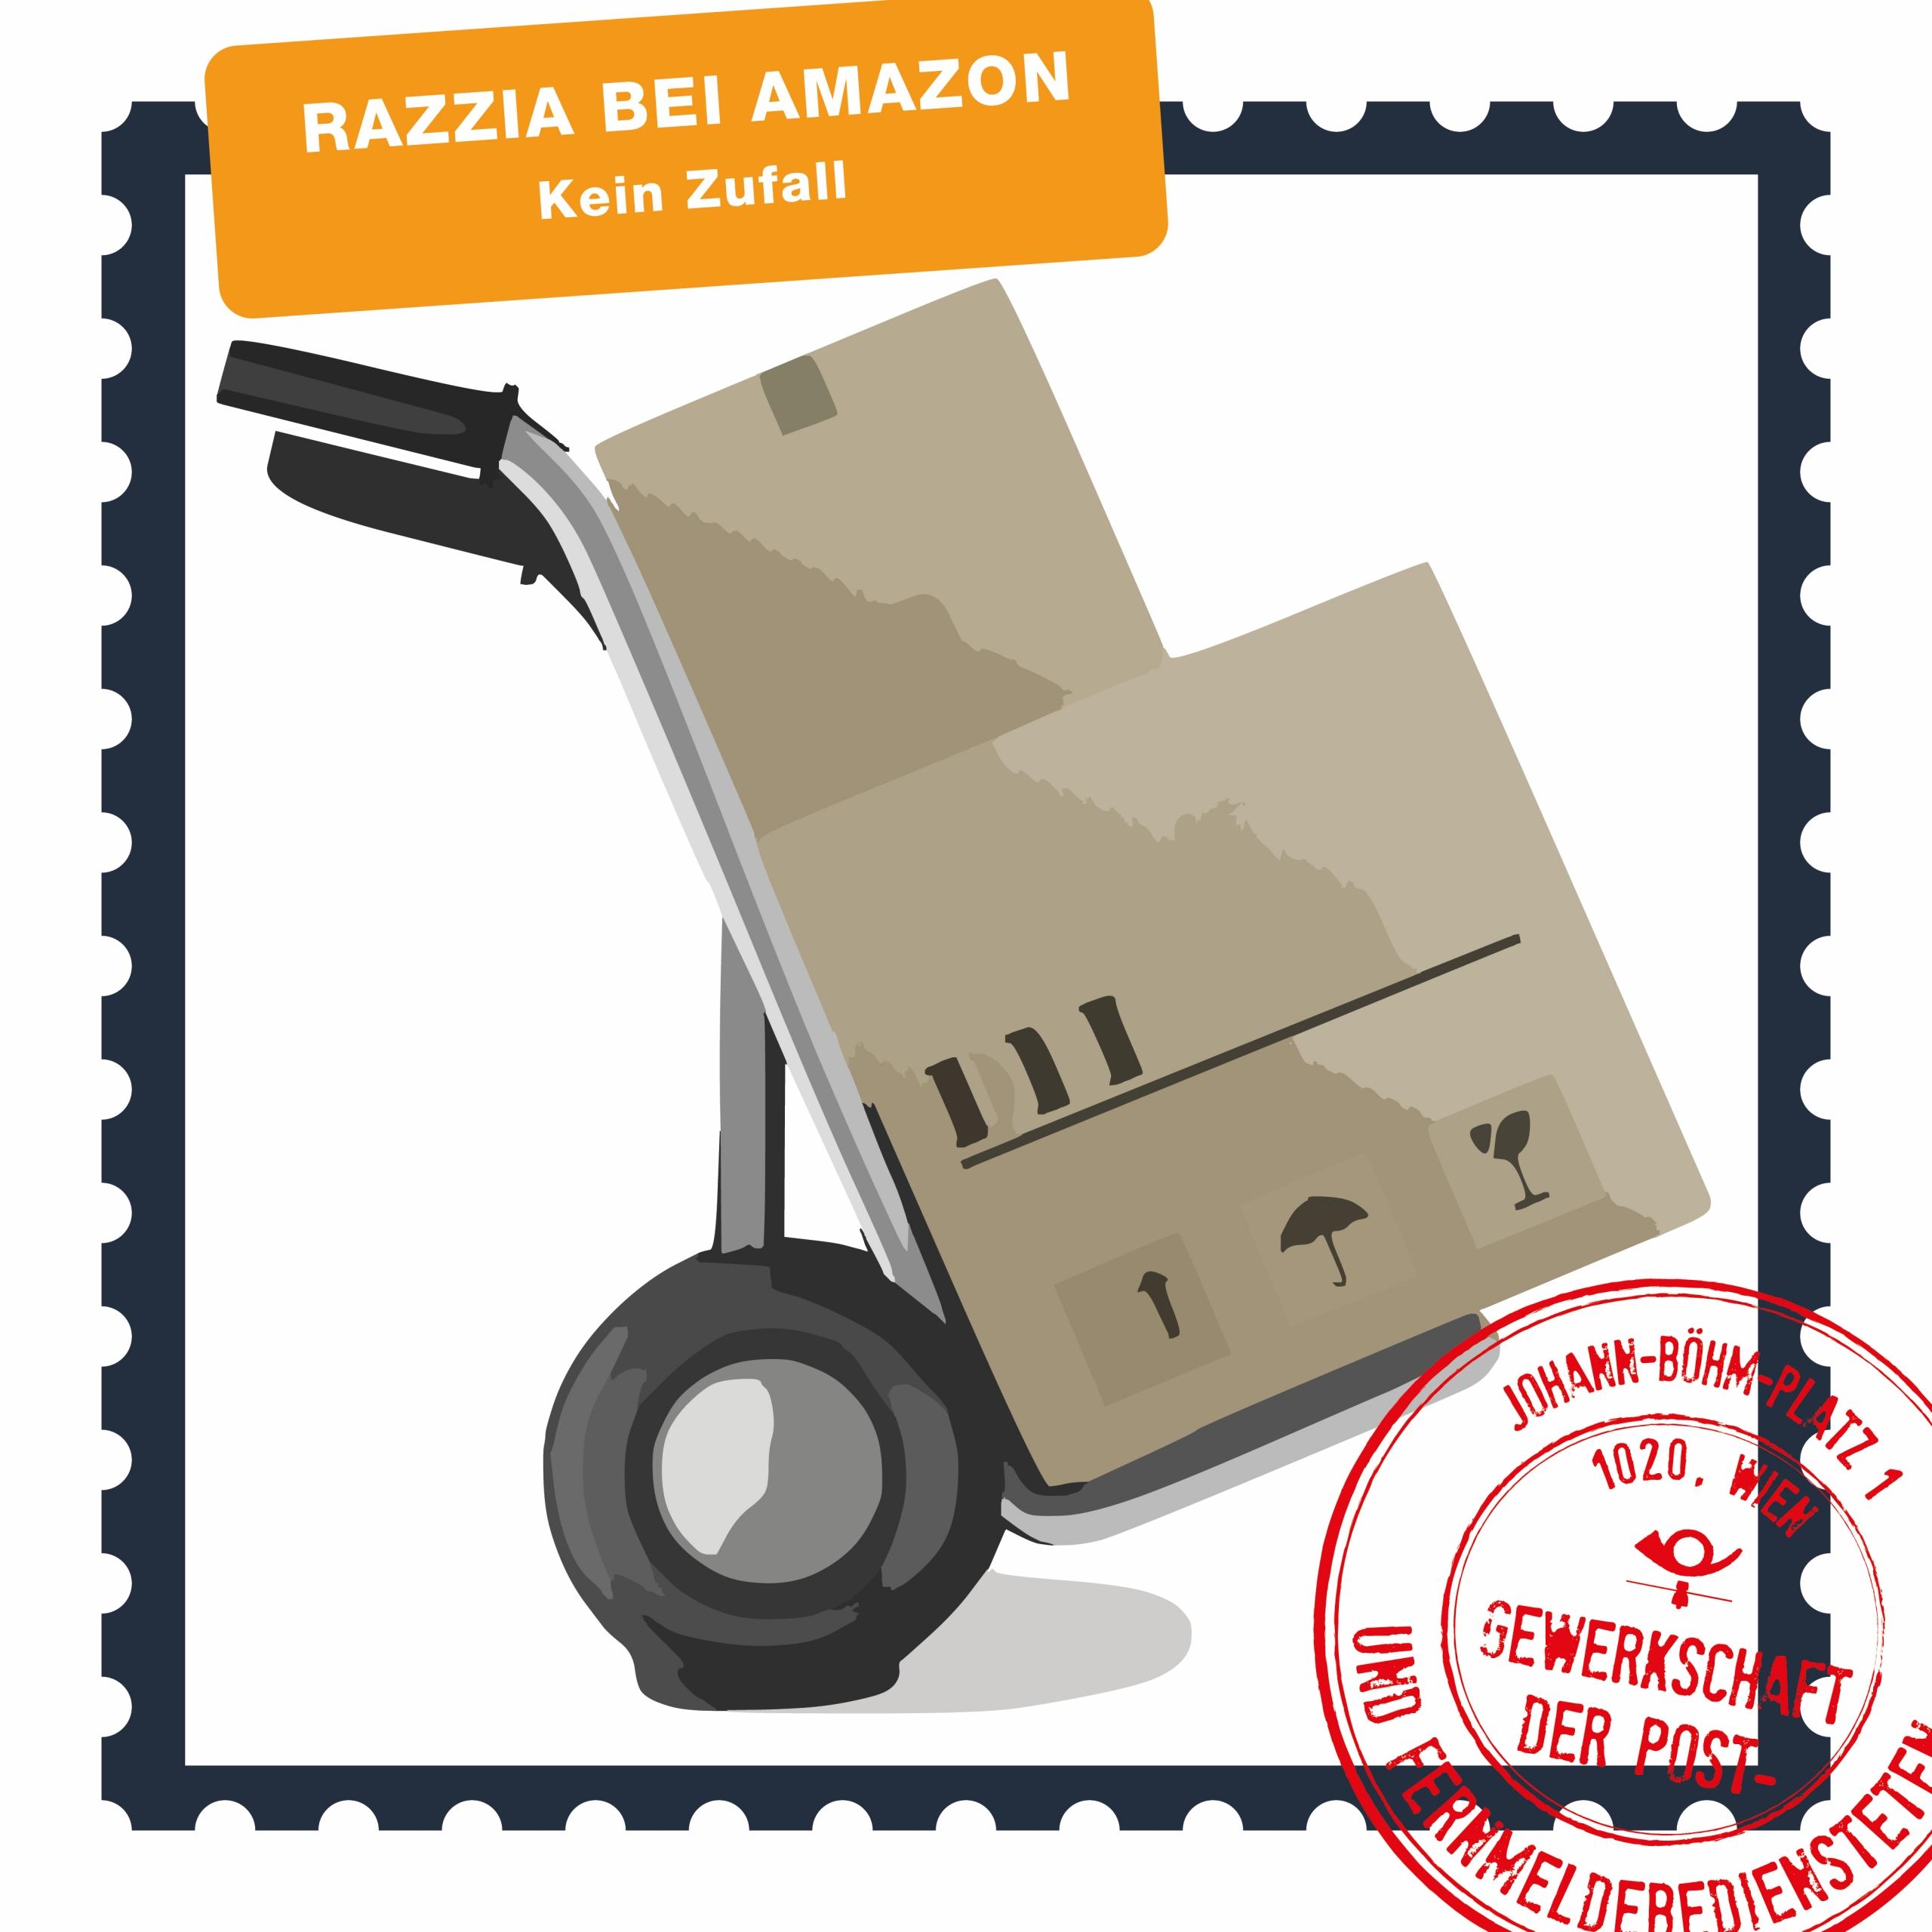 Razzia bei Amazon_Beitragsbild